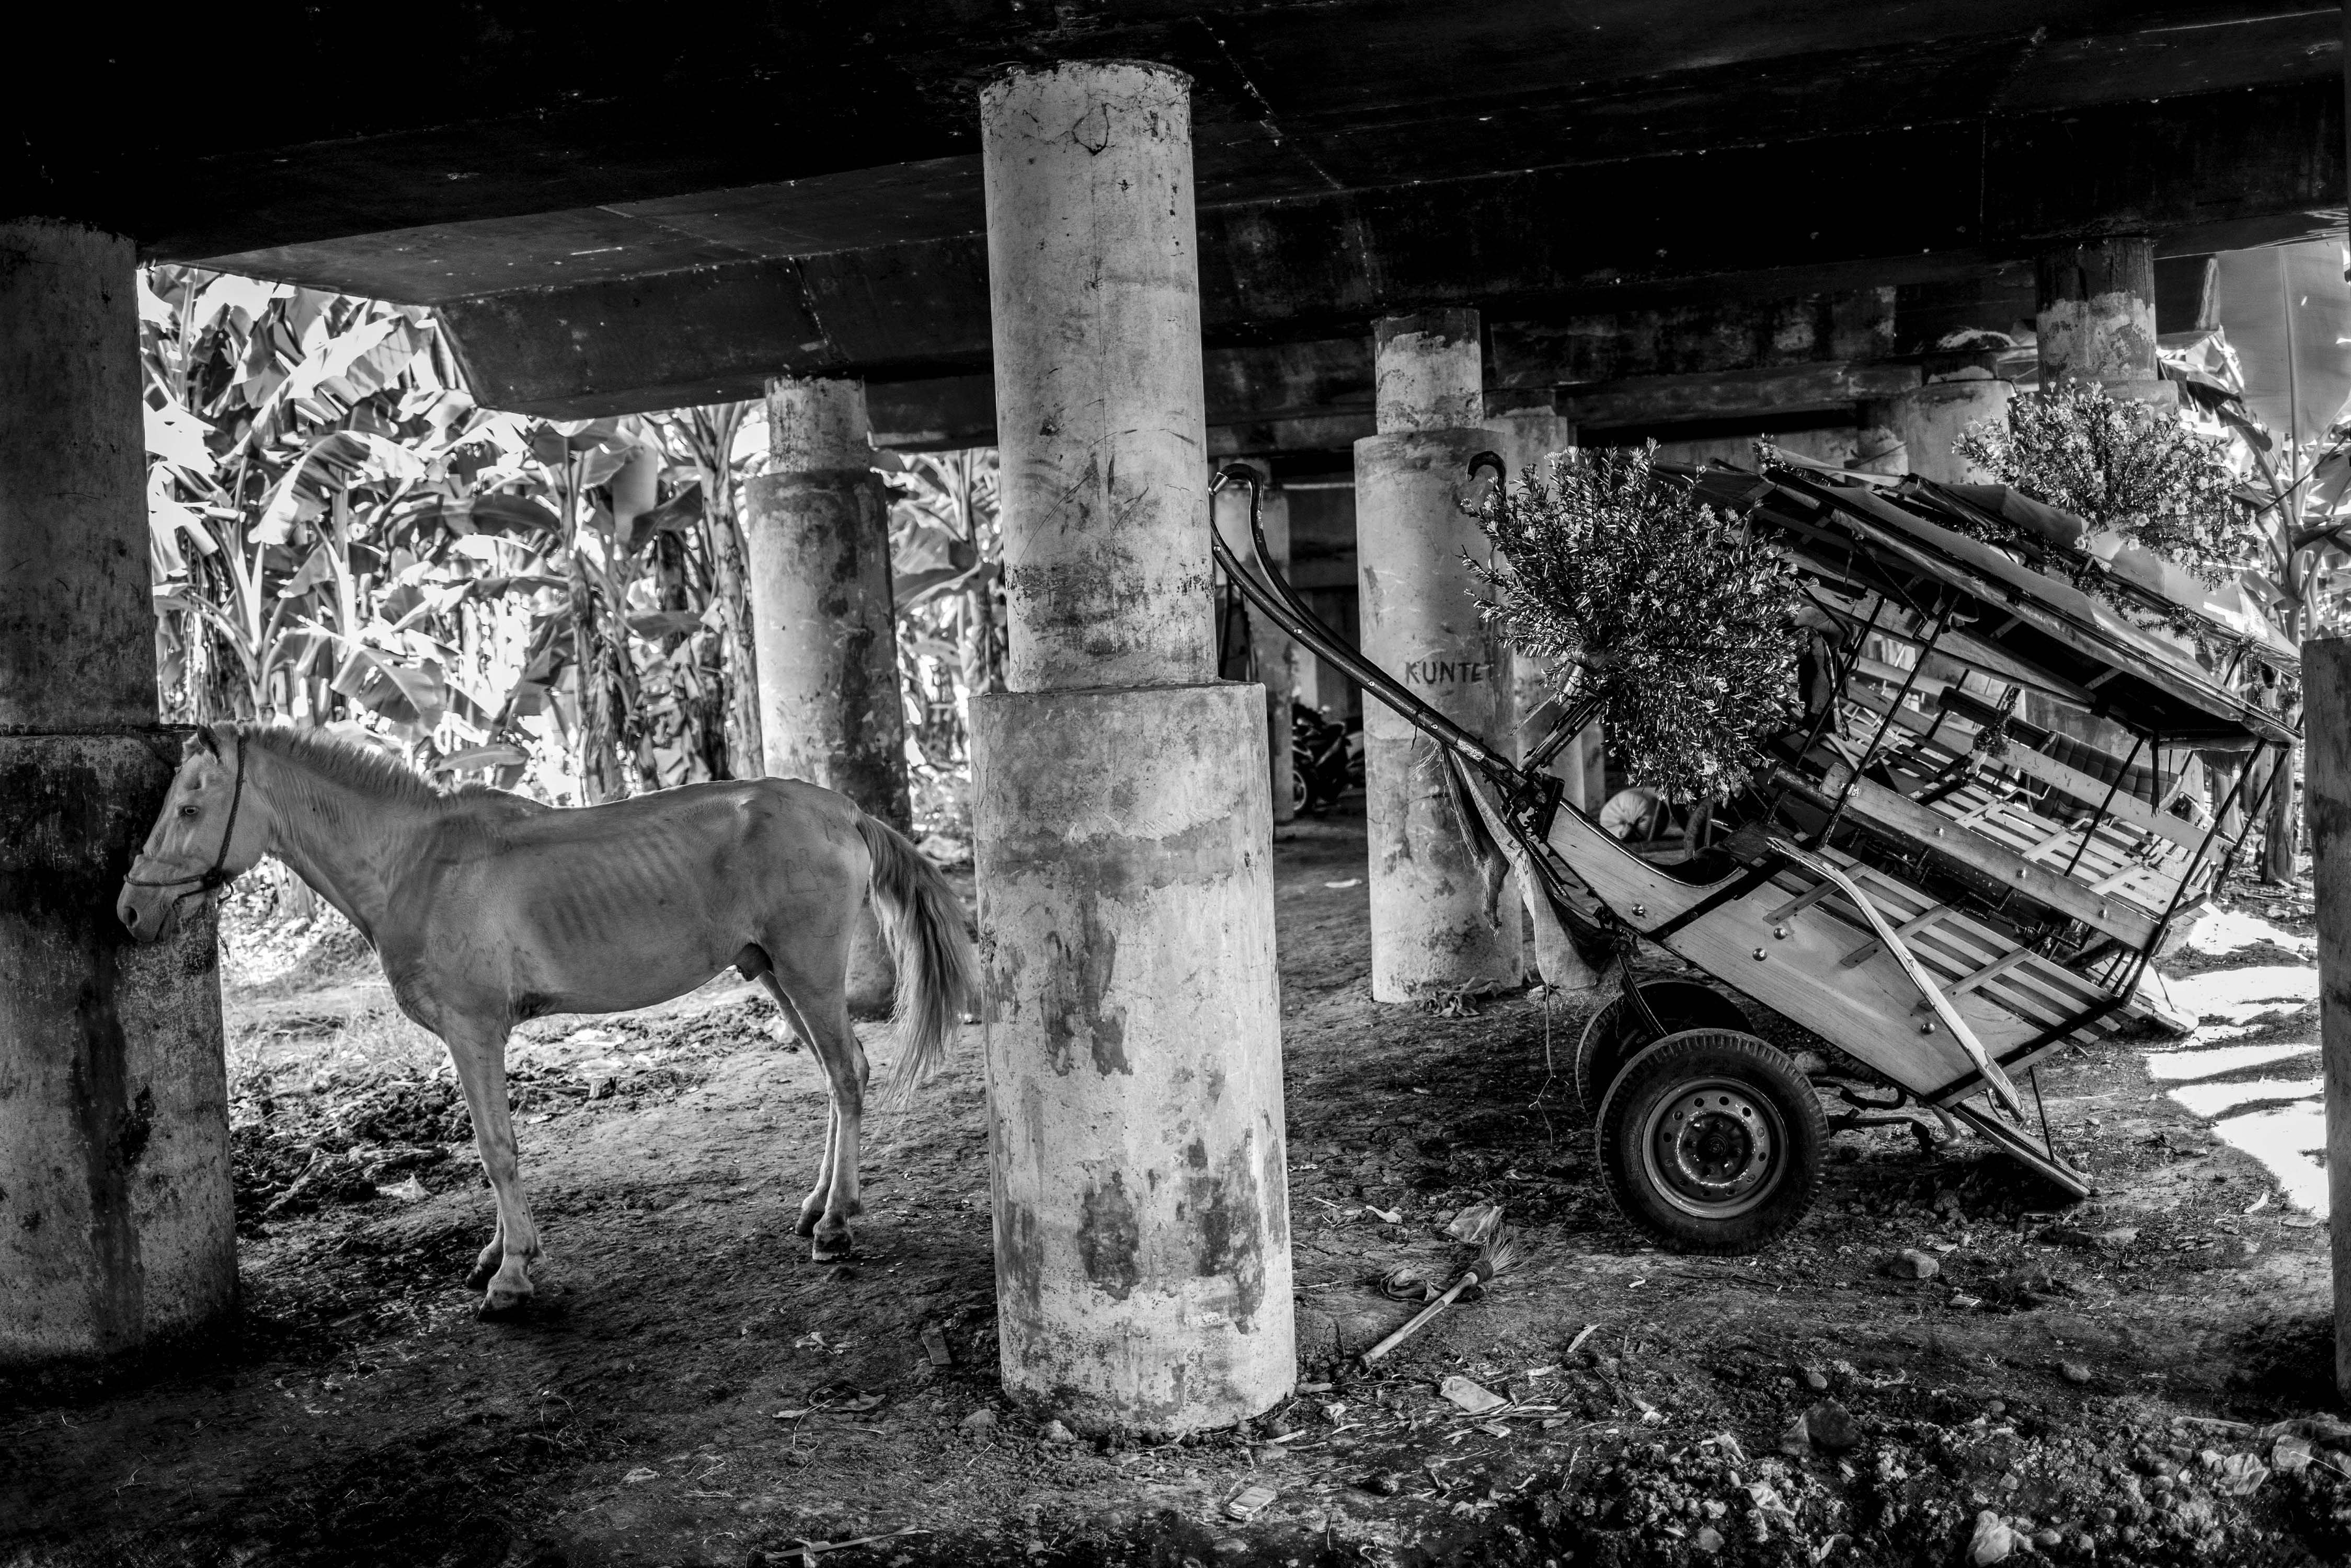 Kuda delma untuk wisatawan di kandangkan di bawah kolong jalan tol di Kawasan Sungai Bambu, Jakarta Utara, Selasa (12/5/2020). Penarik delman yang beroperasi melayani wisatawan di seputaran Kemayoran dan Monas tersebut, kini berhenti beroperasi akibat penerapan Pembatasan Sosial Bersekala Besar (PSBB) di wilayah Kota Jakarta dampak dari pandemi Covid-19 sehingga tidak ada penghasilan.